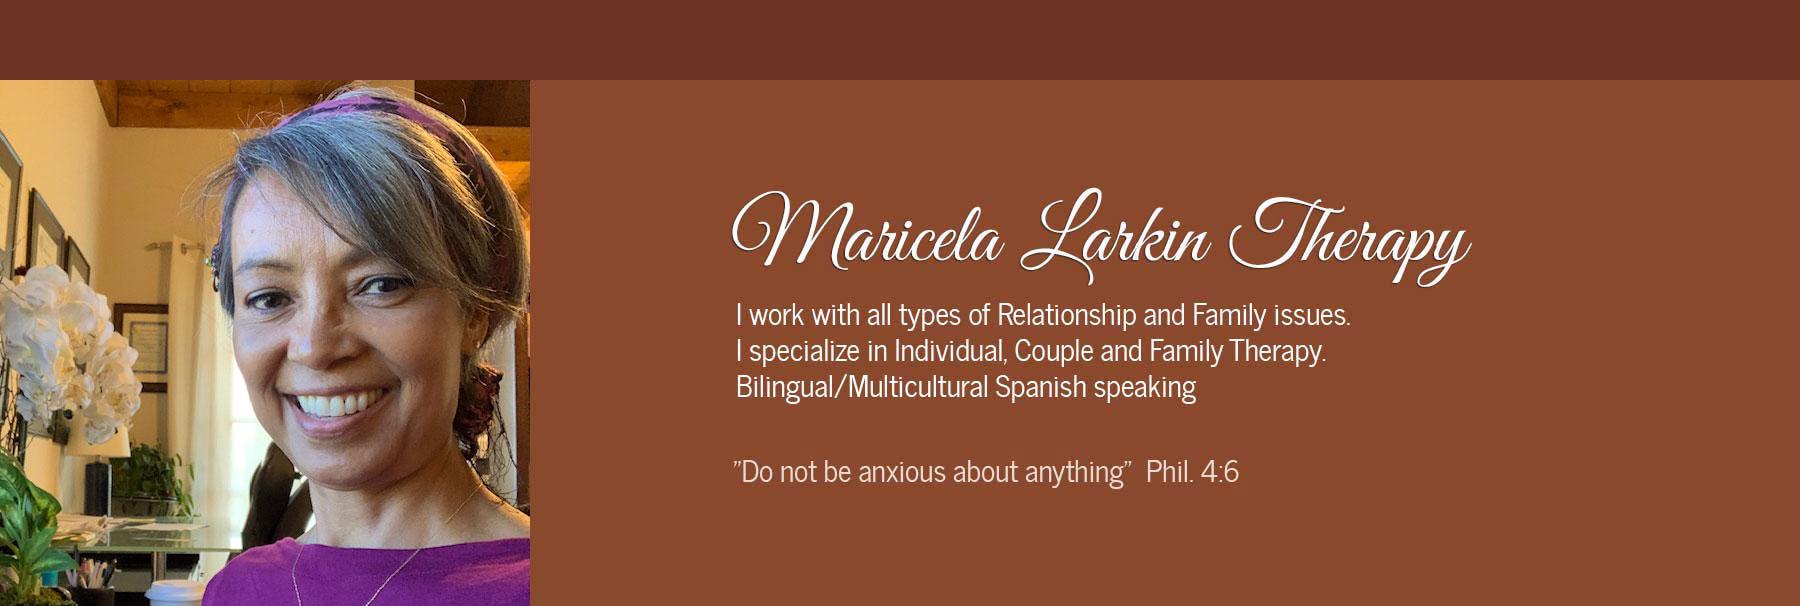 Maricela Larkin